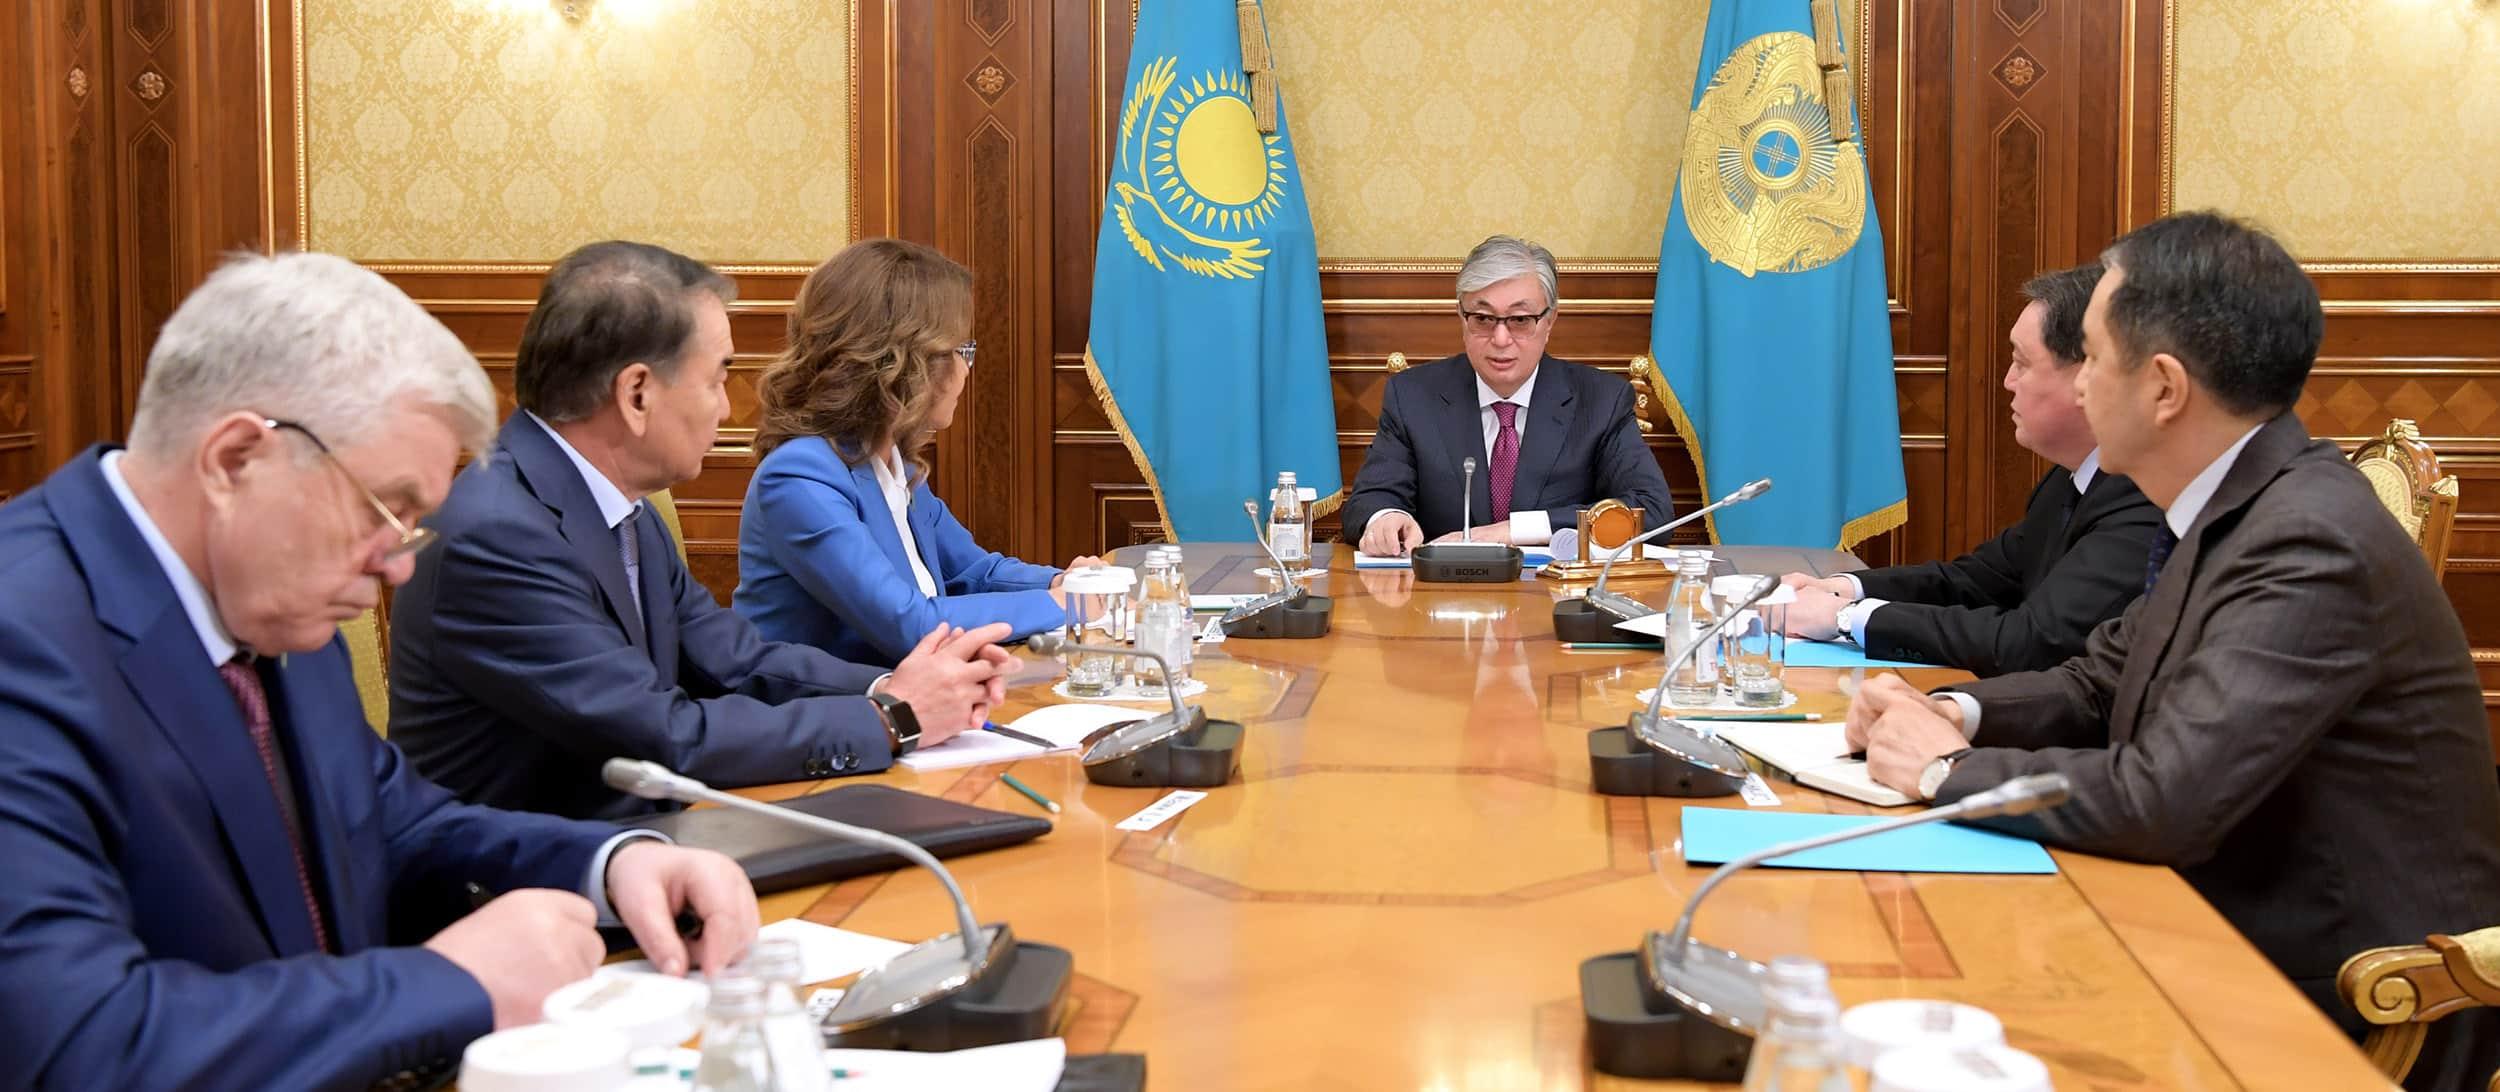 Президент Сенат, Мәжіліс, Үкімет және Конституциялық кеңес басшыларын қабылдады